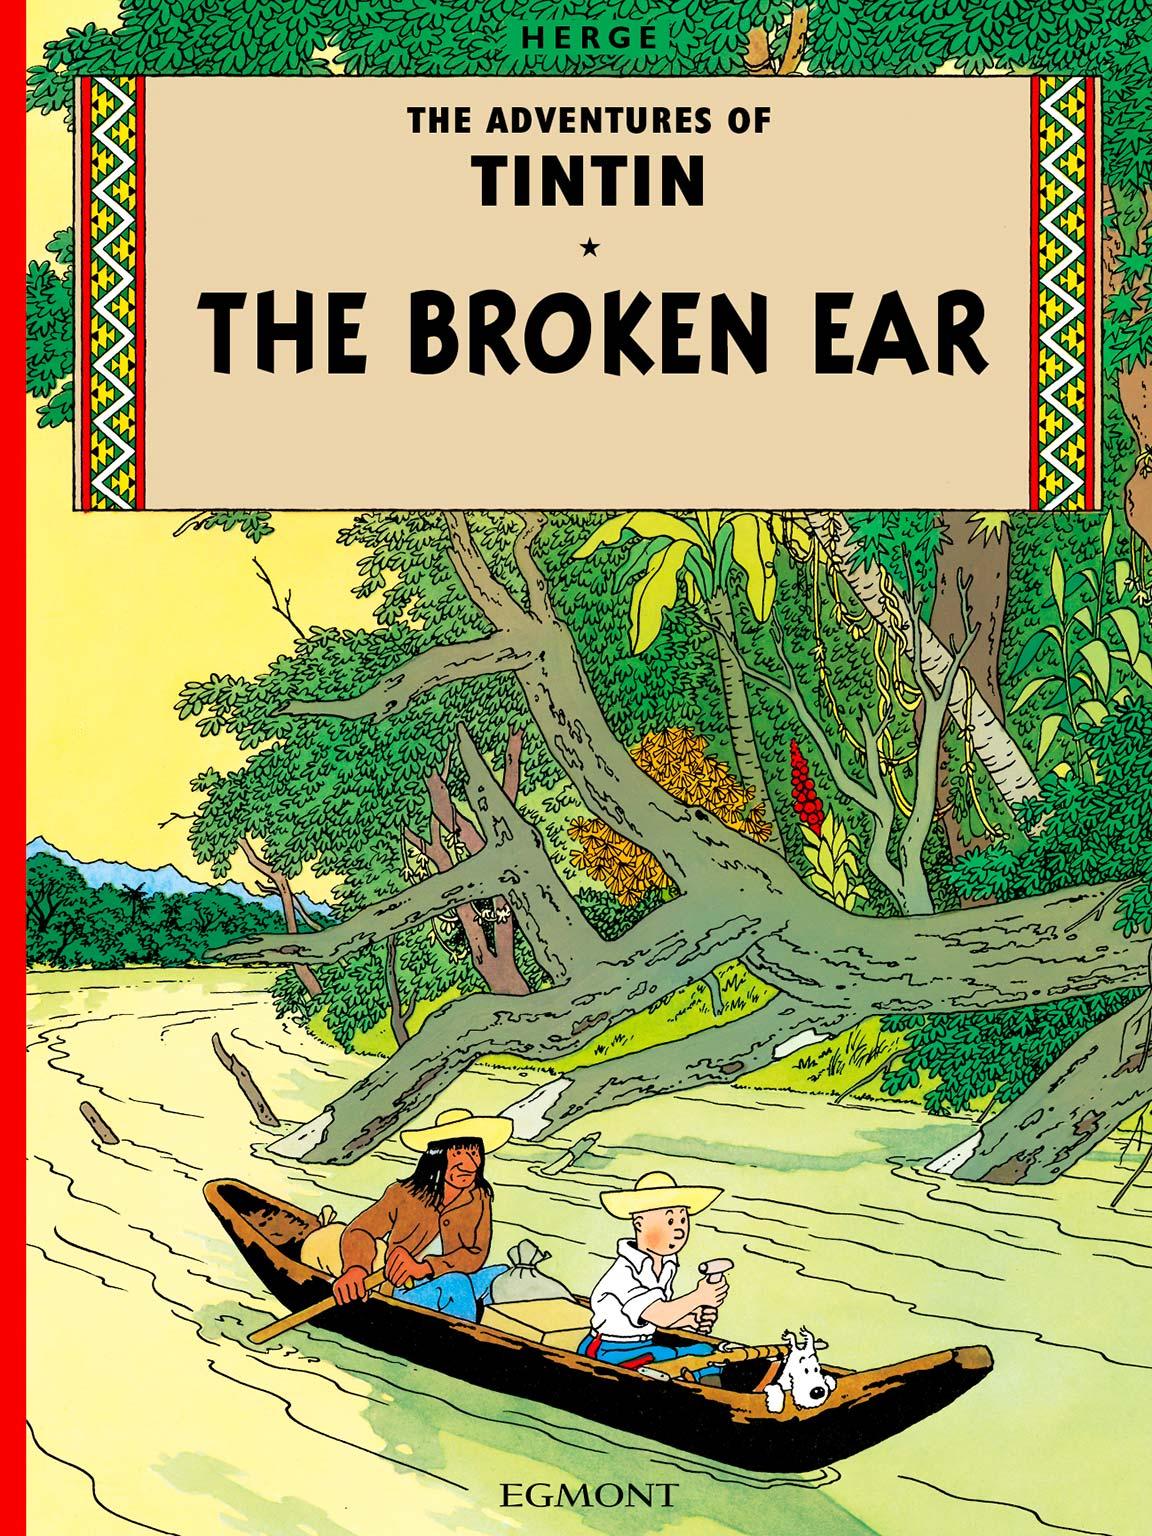 The Broken Ear - Cover